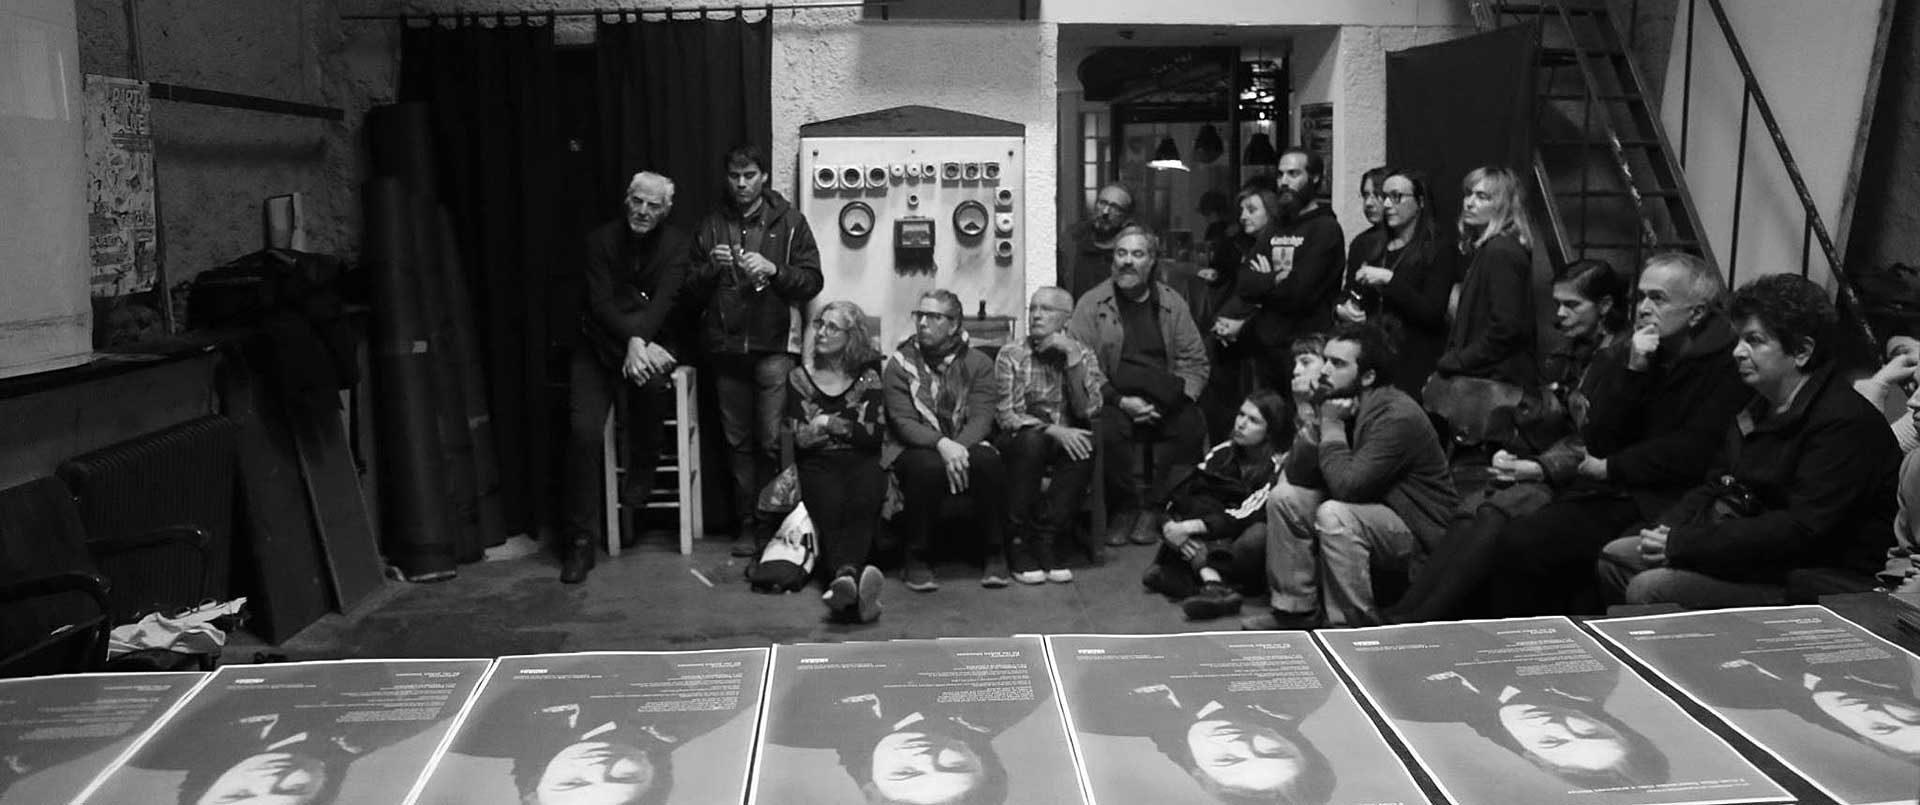 Η συνάντηση-δράση ήταν αφιερωμένη στην Νίτσα -Ελένη Παπαγιαννάκη με το αντάρτικο όνομα Ηλέκτρα